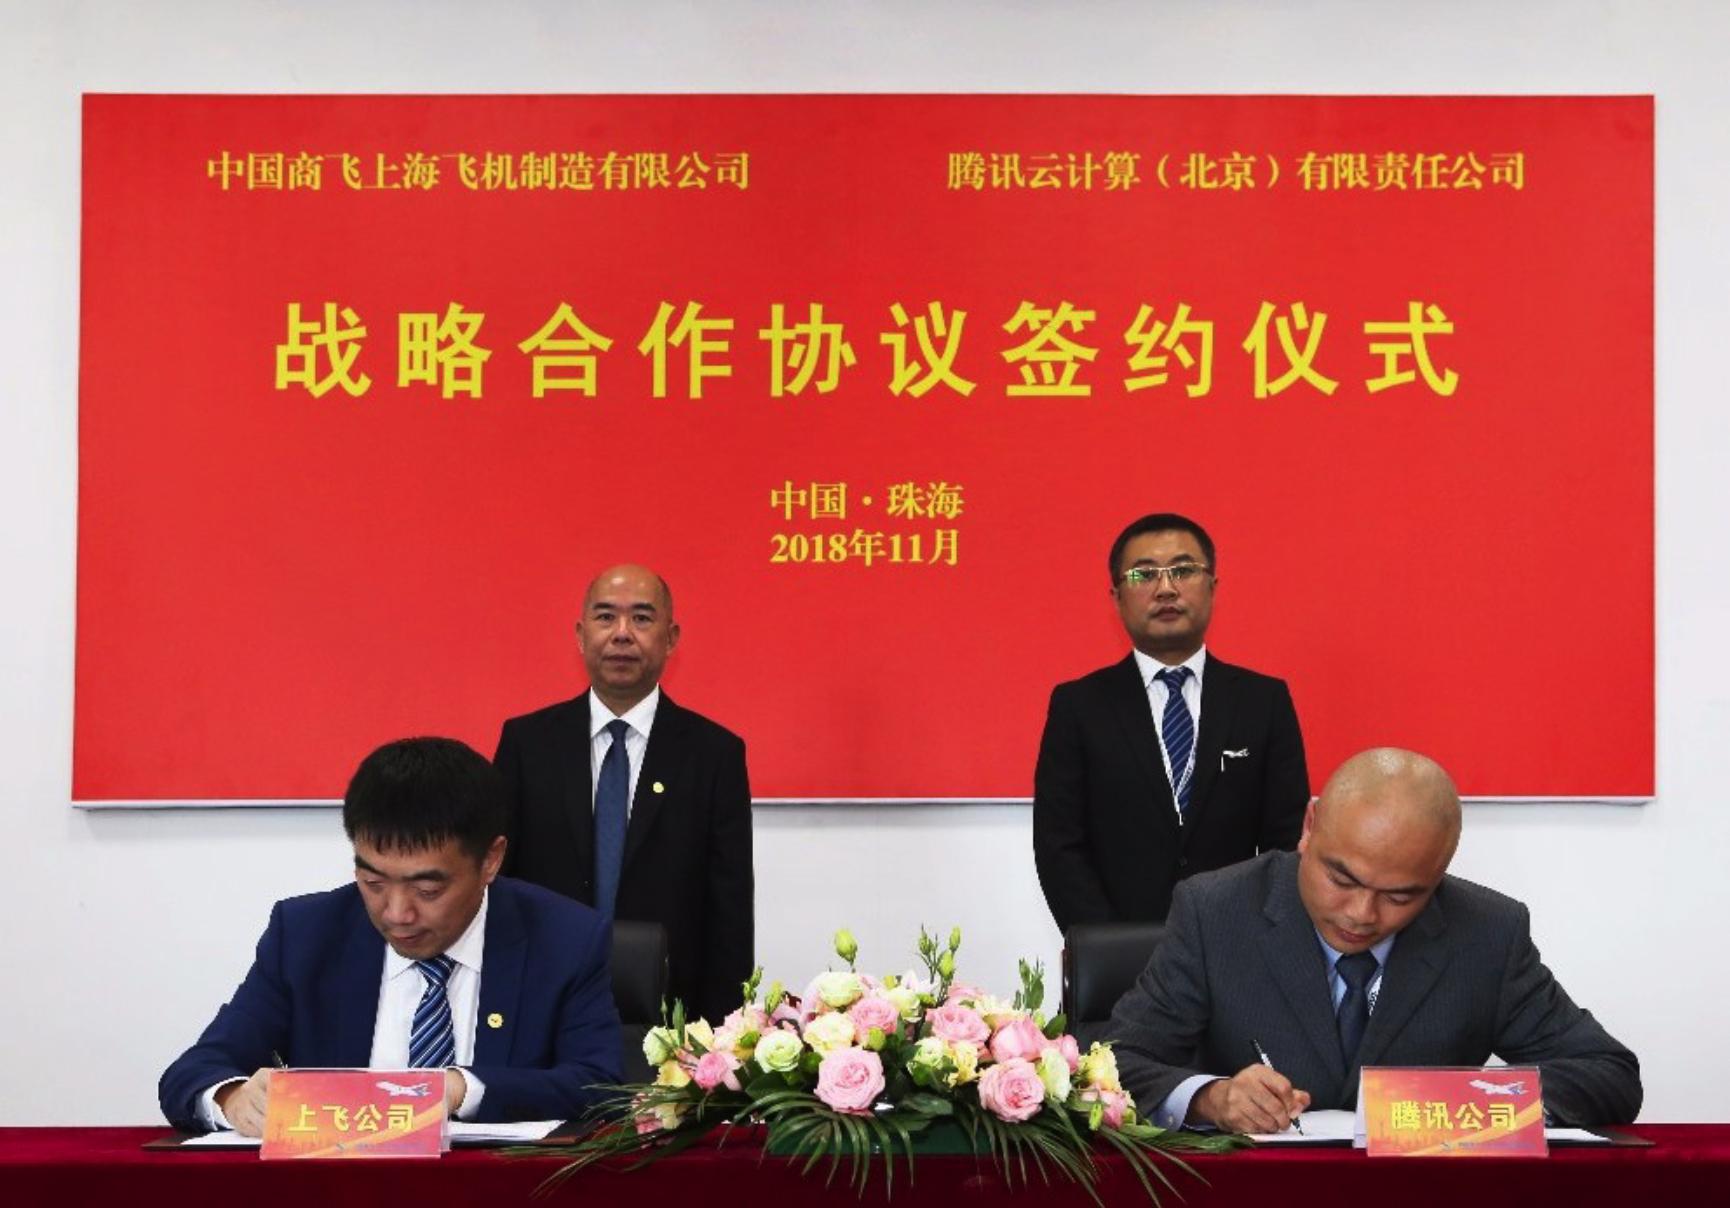 重在5G、大数据、AI领域 中国商飞上飞公司与腾讯云签订战略合作协议